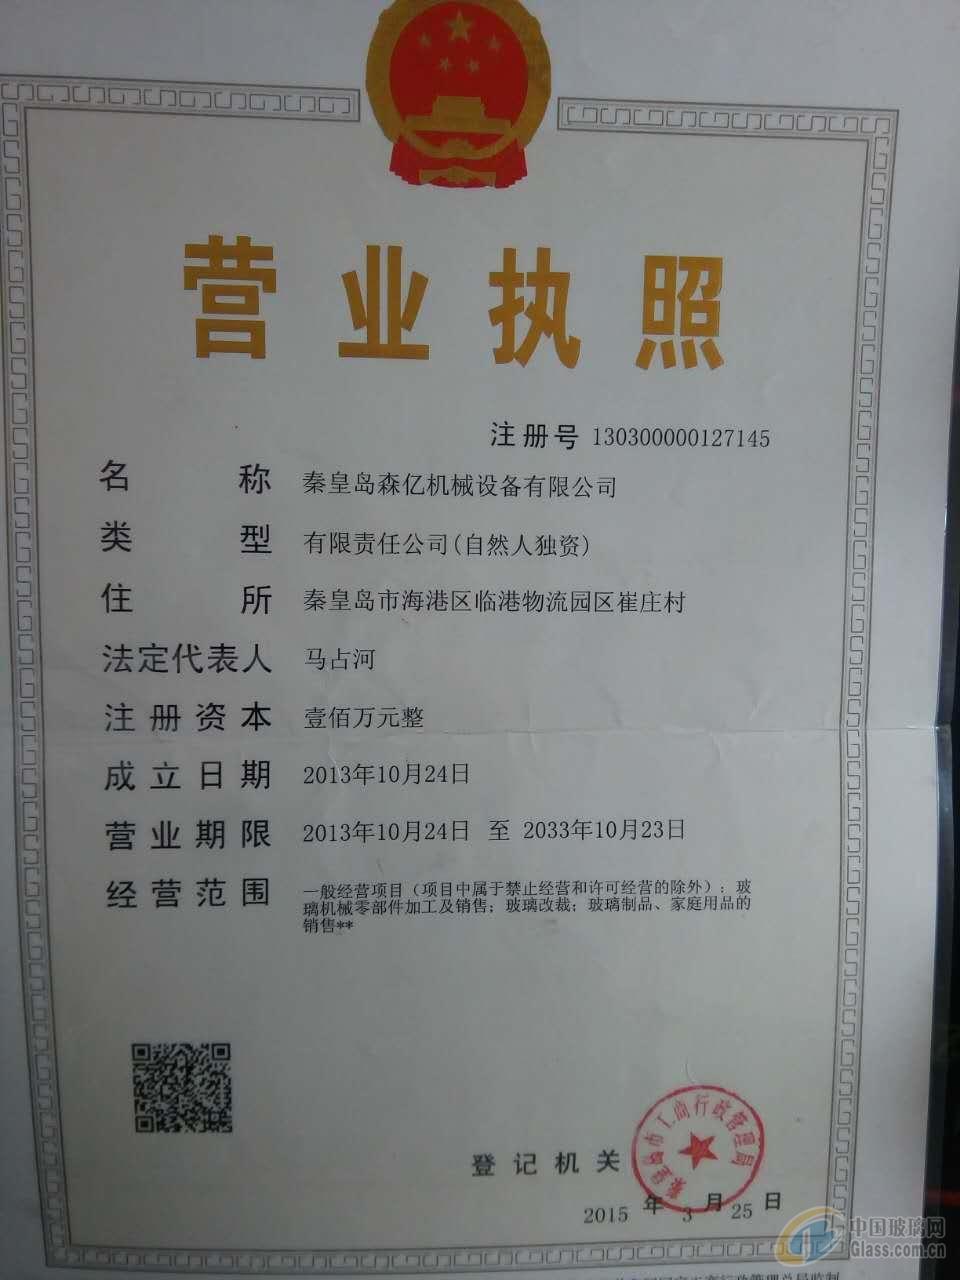 地址:河北省秦皇岛市海港区